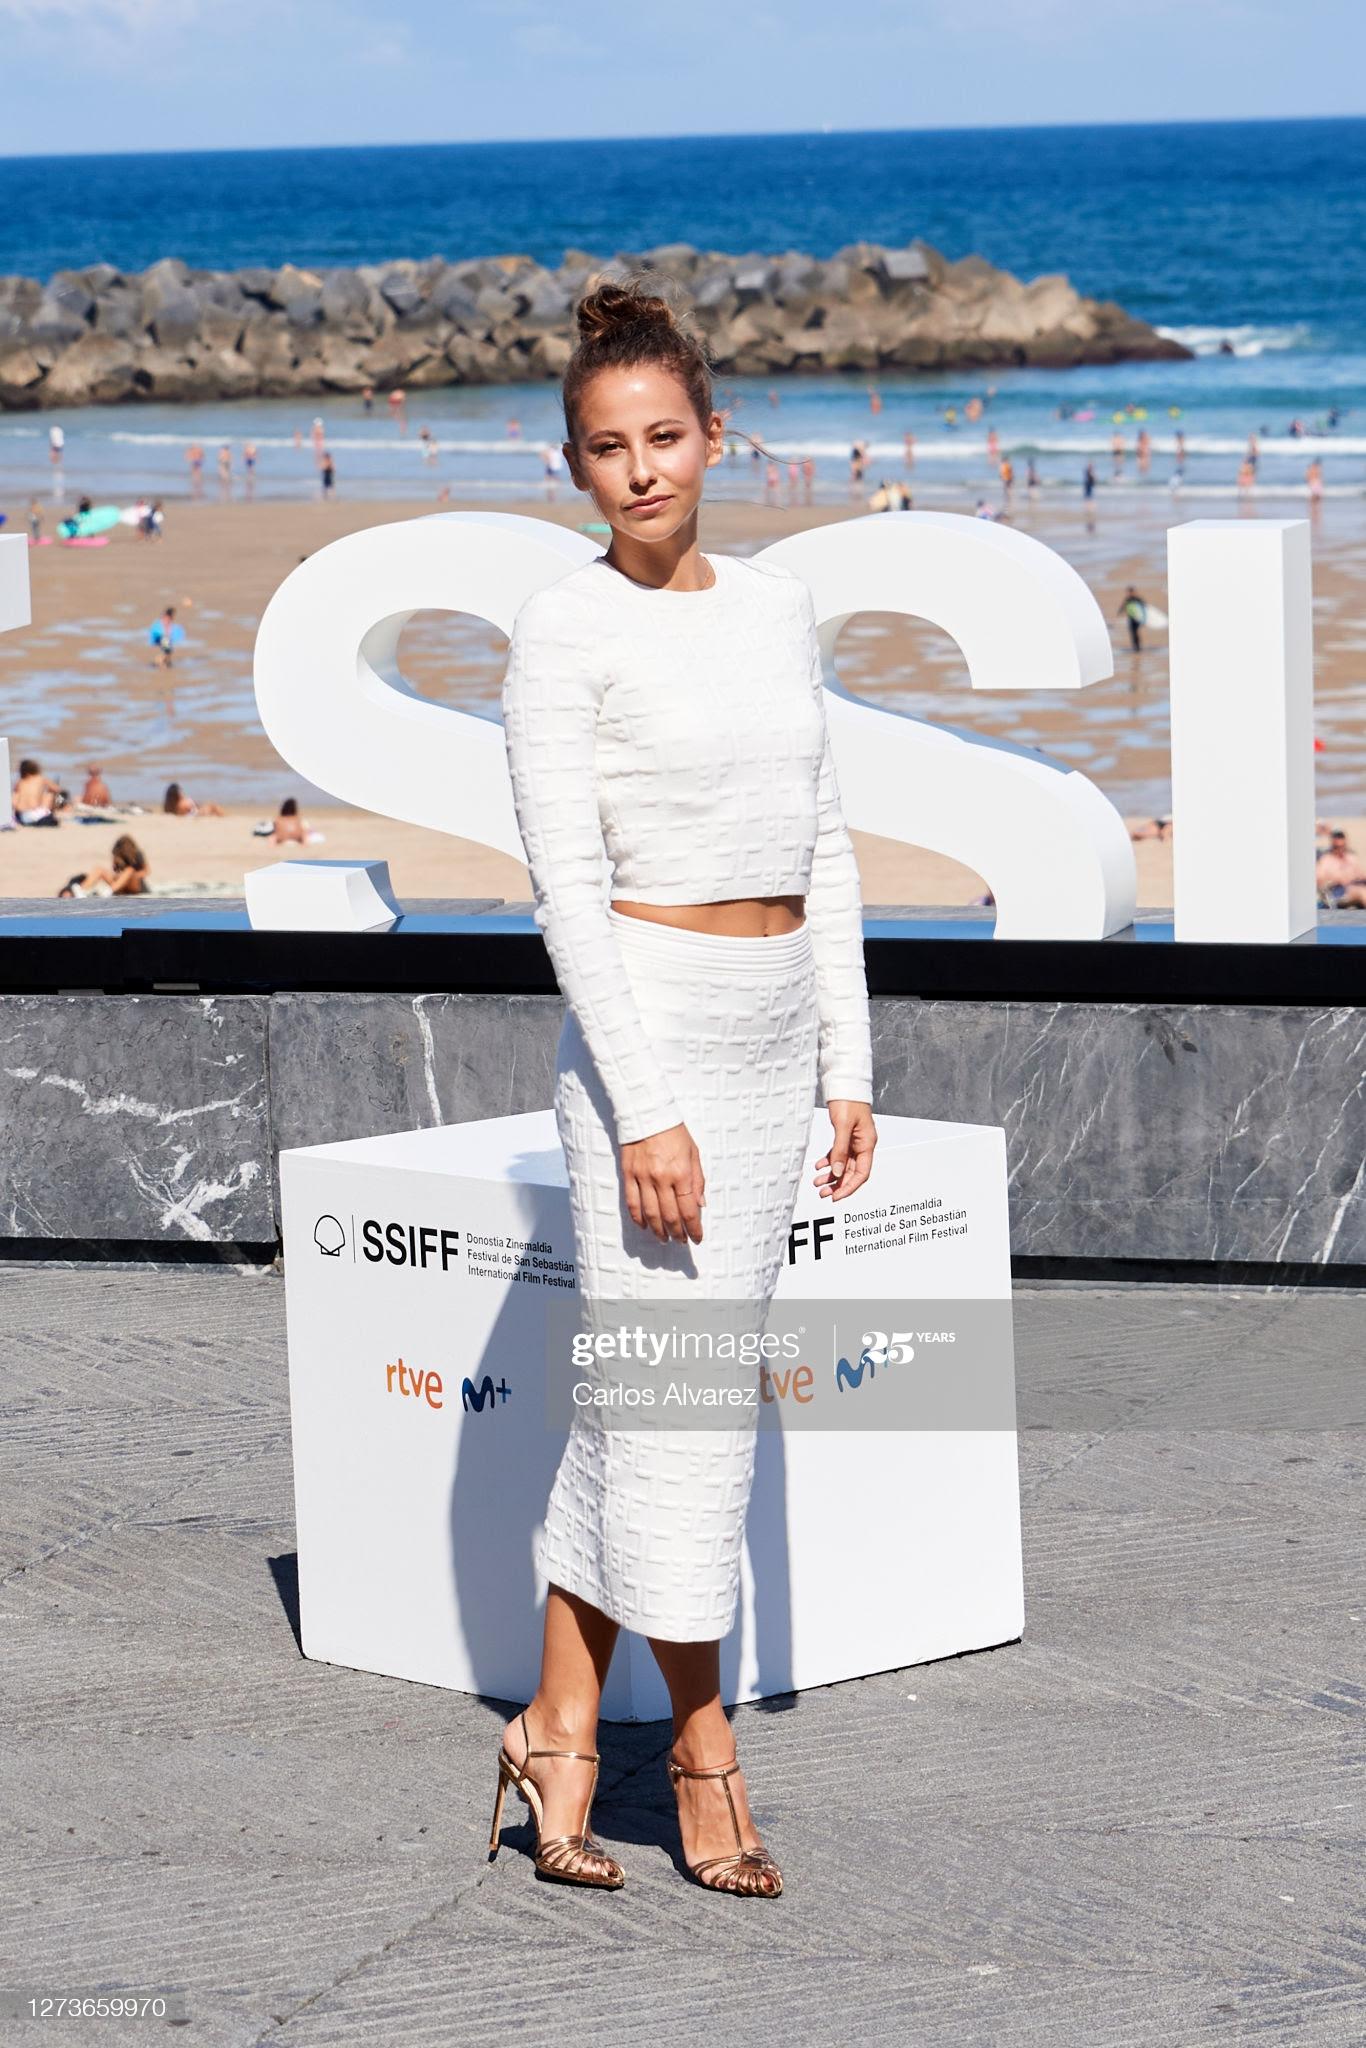 9140ec67 36c6 492a ac8a 8c46333af6de - Festival de San Sebastián: Todas las celebrities que han lucido Jimmy Choo y Elisabetta Franchi en la alfombra roja